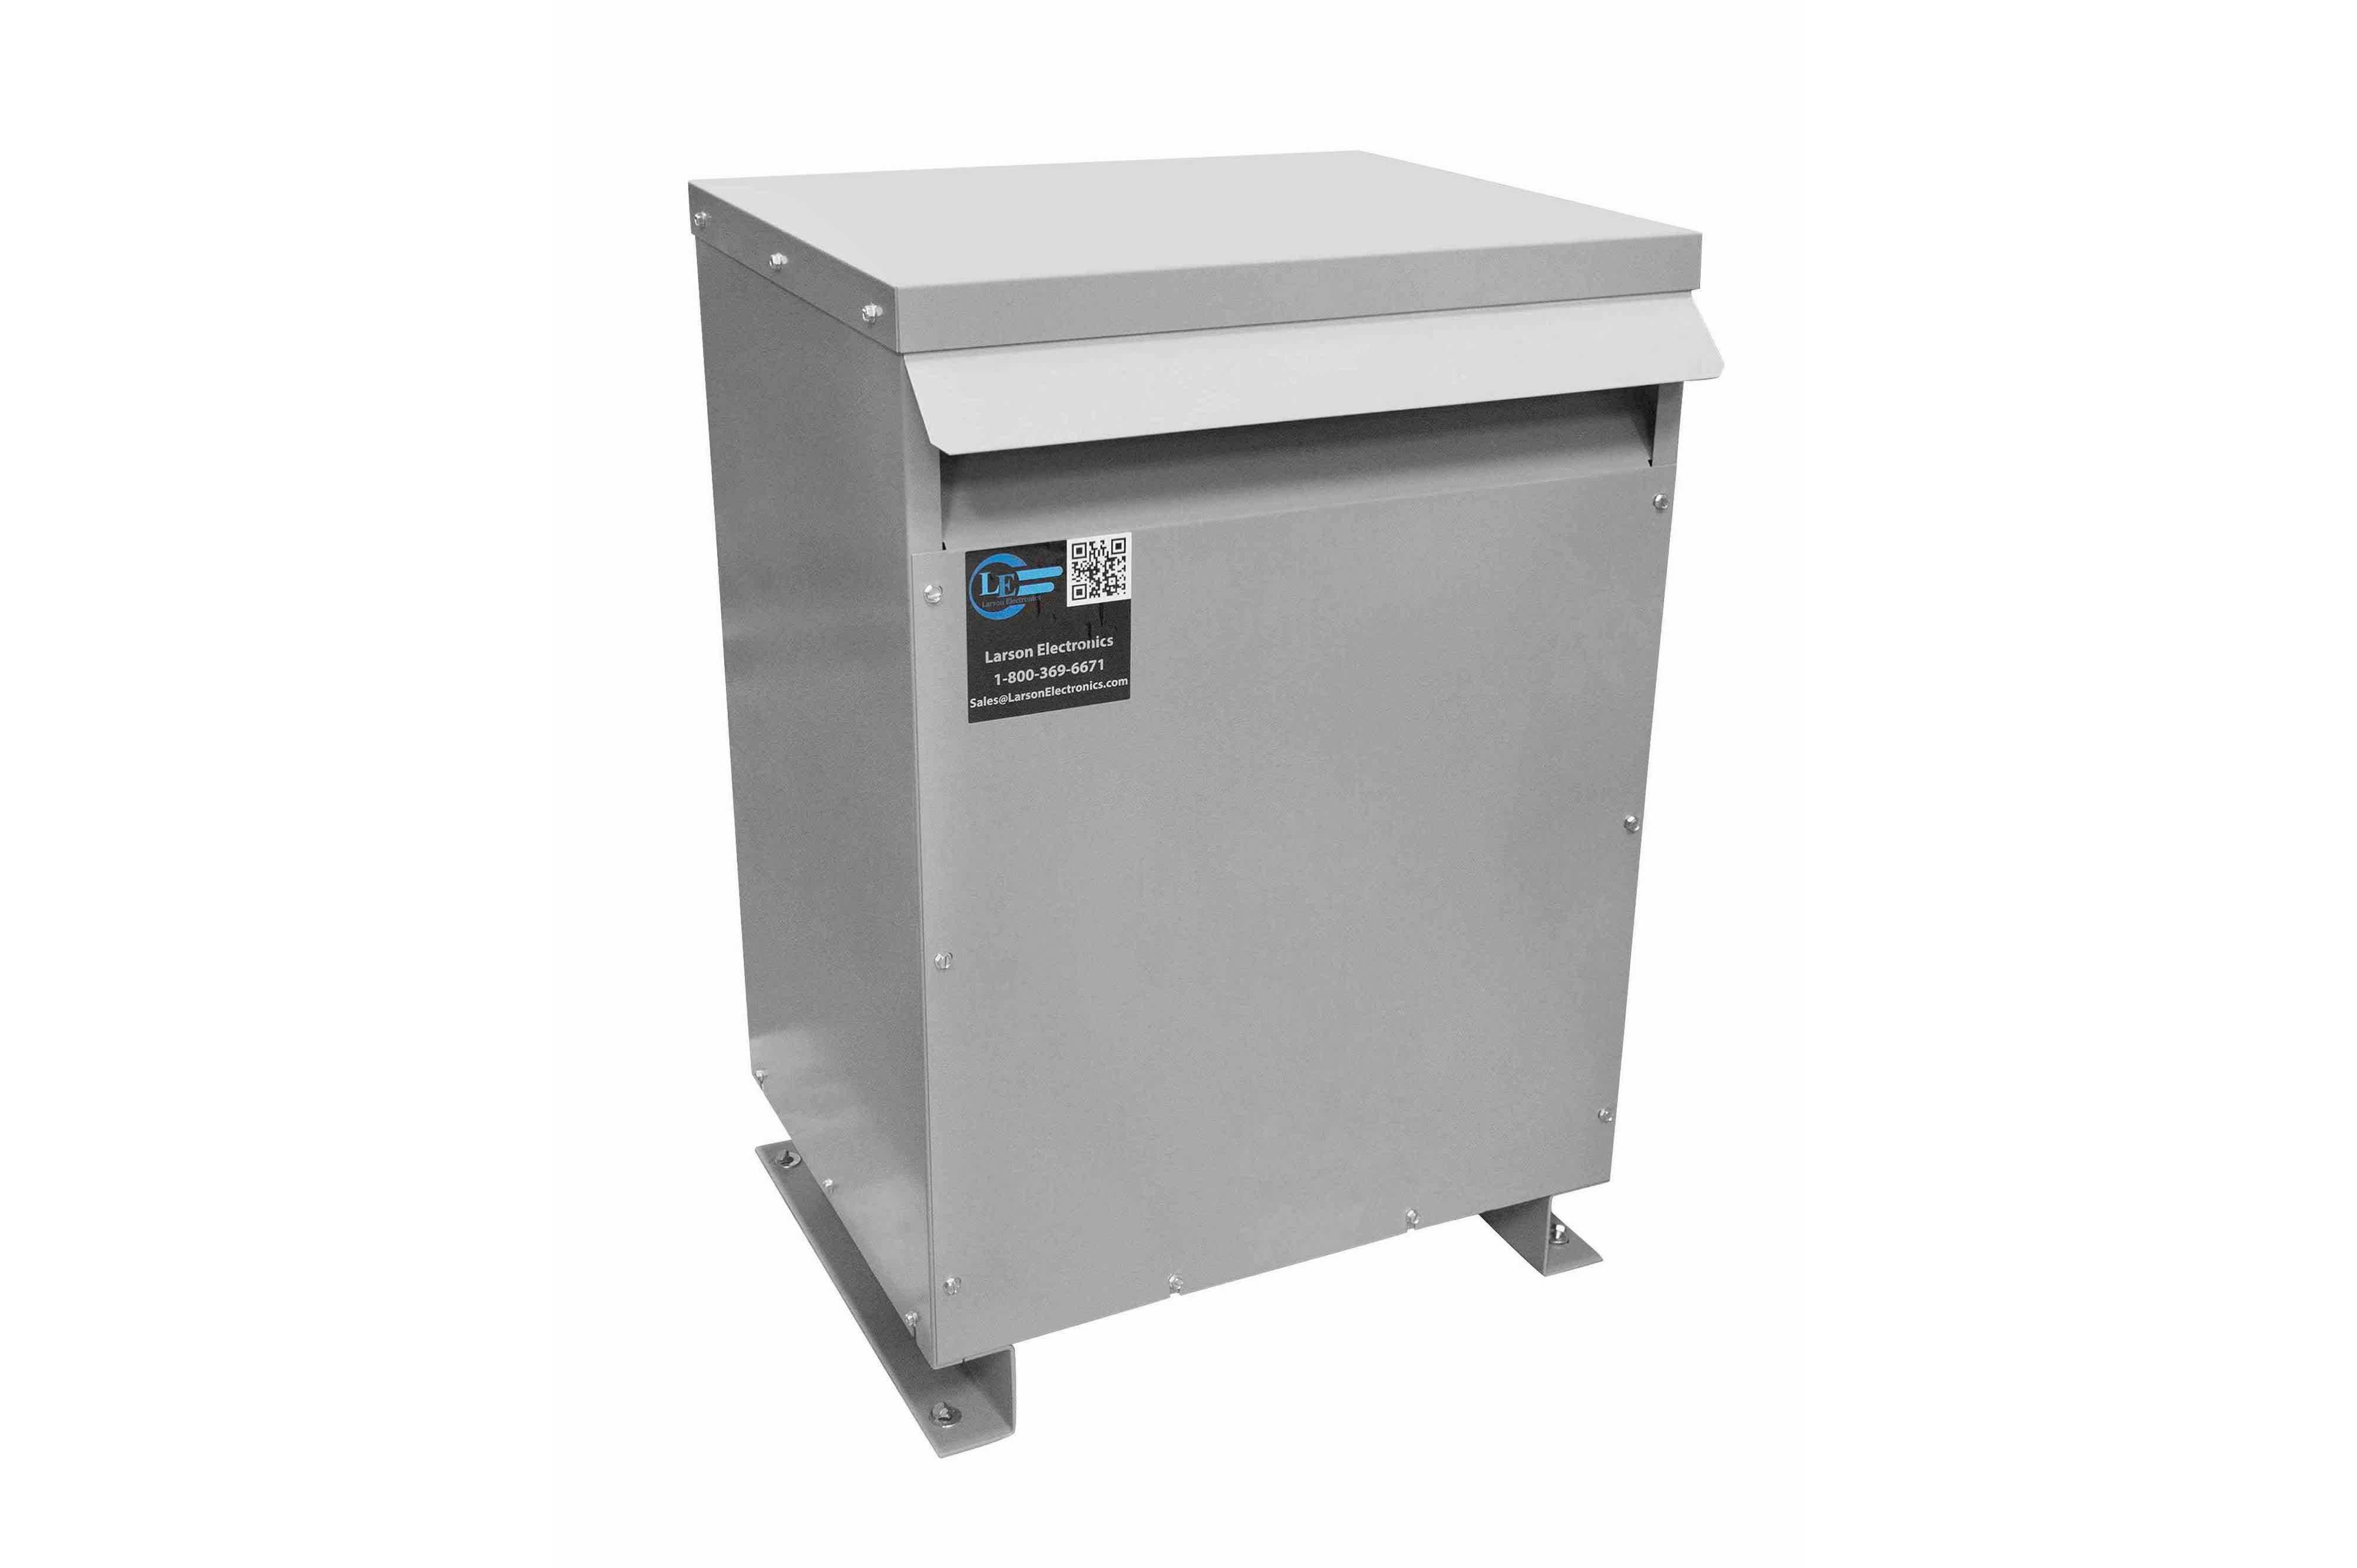 1000 kVA 3PH Isolation Transformer, 230V Delta Primary, 480V Delta Secondary, N3R, Ventilated, 60 Hz